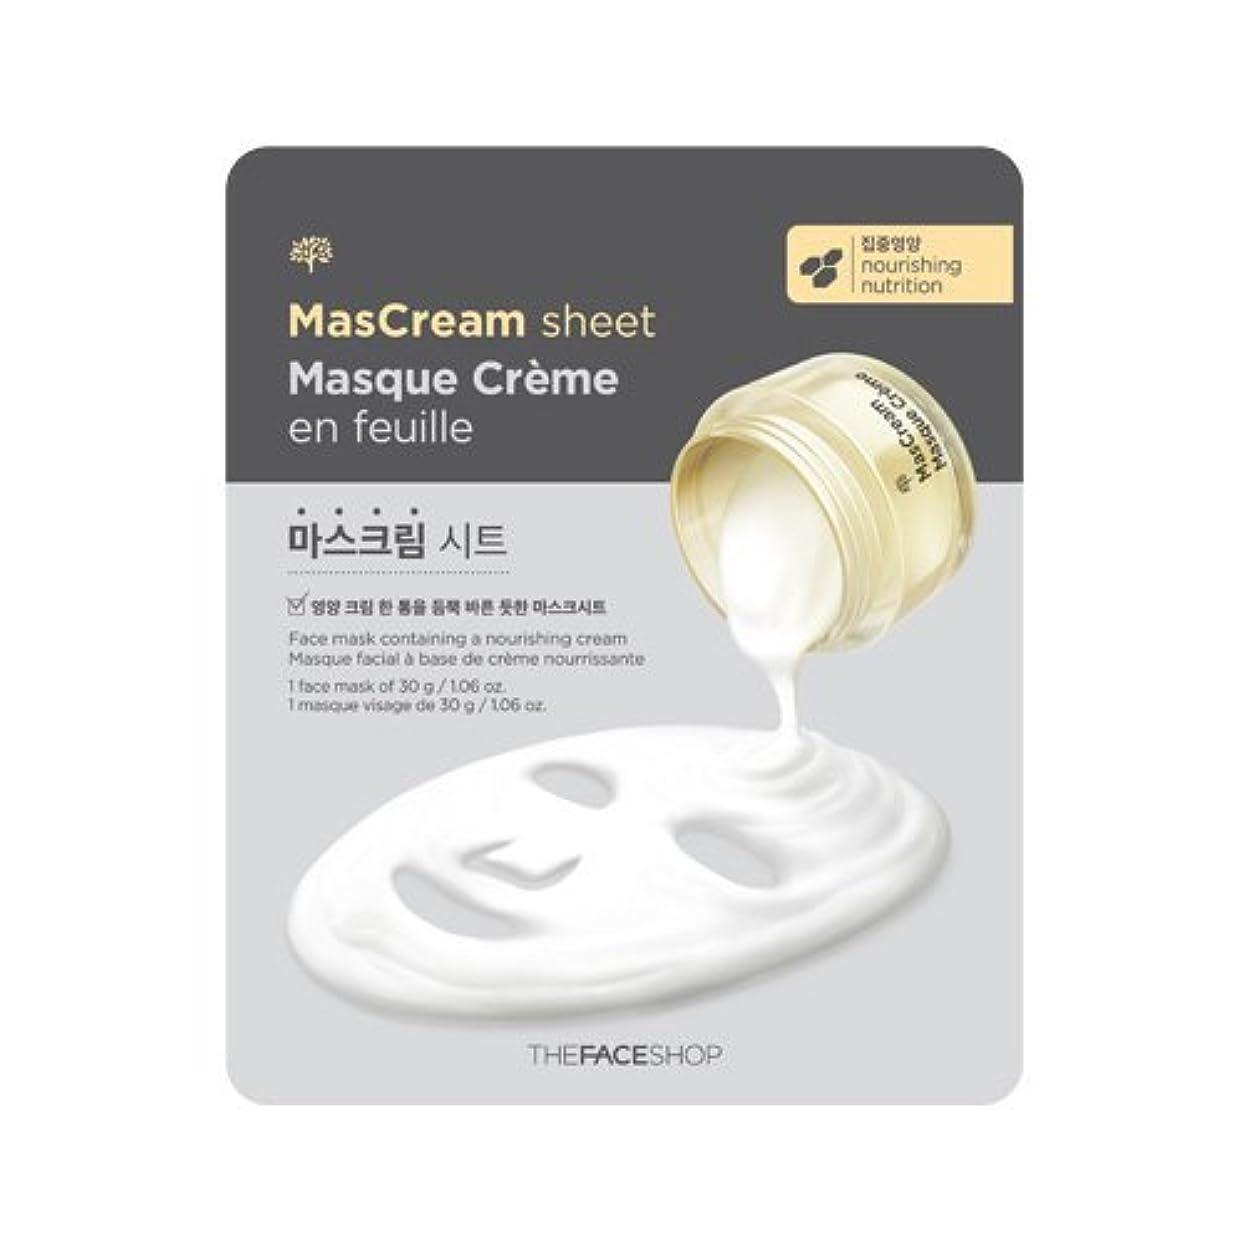 複合入植者交差点ザフェイスショップ [THE FACE SHOP] MASCREAM SHEET x 5sheets マスクリームパック 5枚 (栄養/NOURISHING) [並行輸入品]